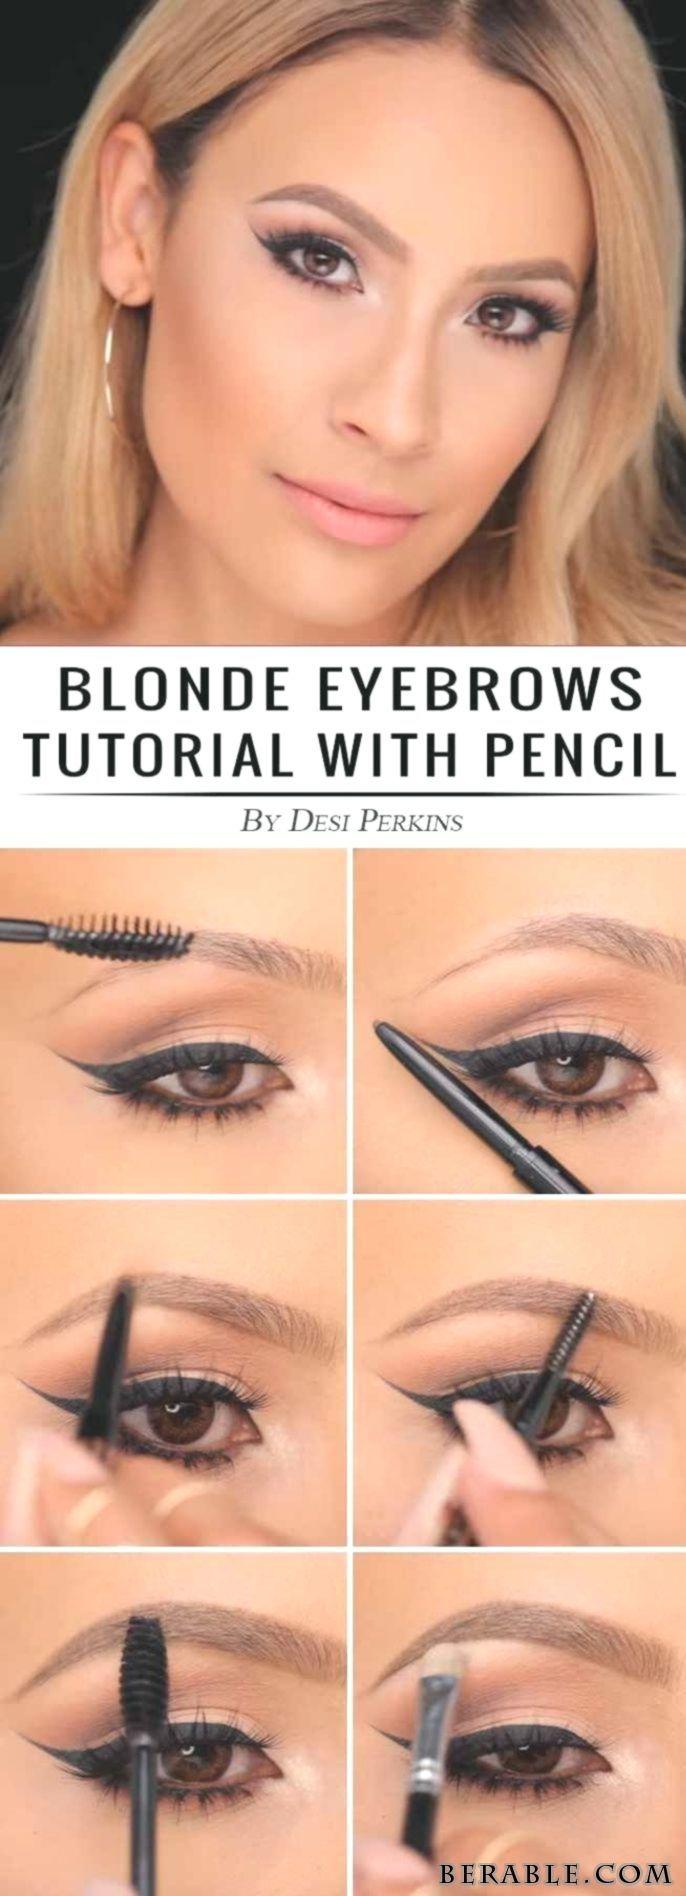 Augen Augenmakeupvideos Makeup Makeuptechniken Perfekte Brauen Techniken Wollen Blonde Eyebrows Eyebrow Tutorial Eyebrow Tutorial Blonde